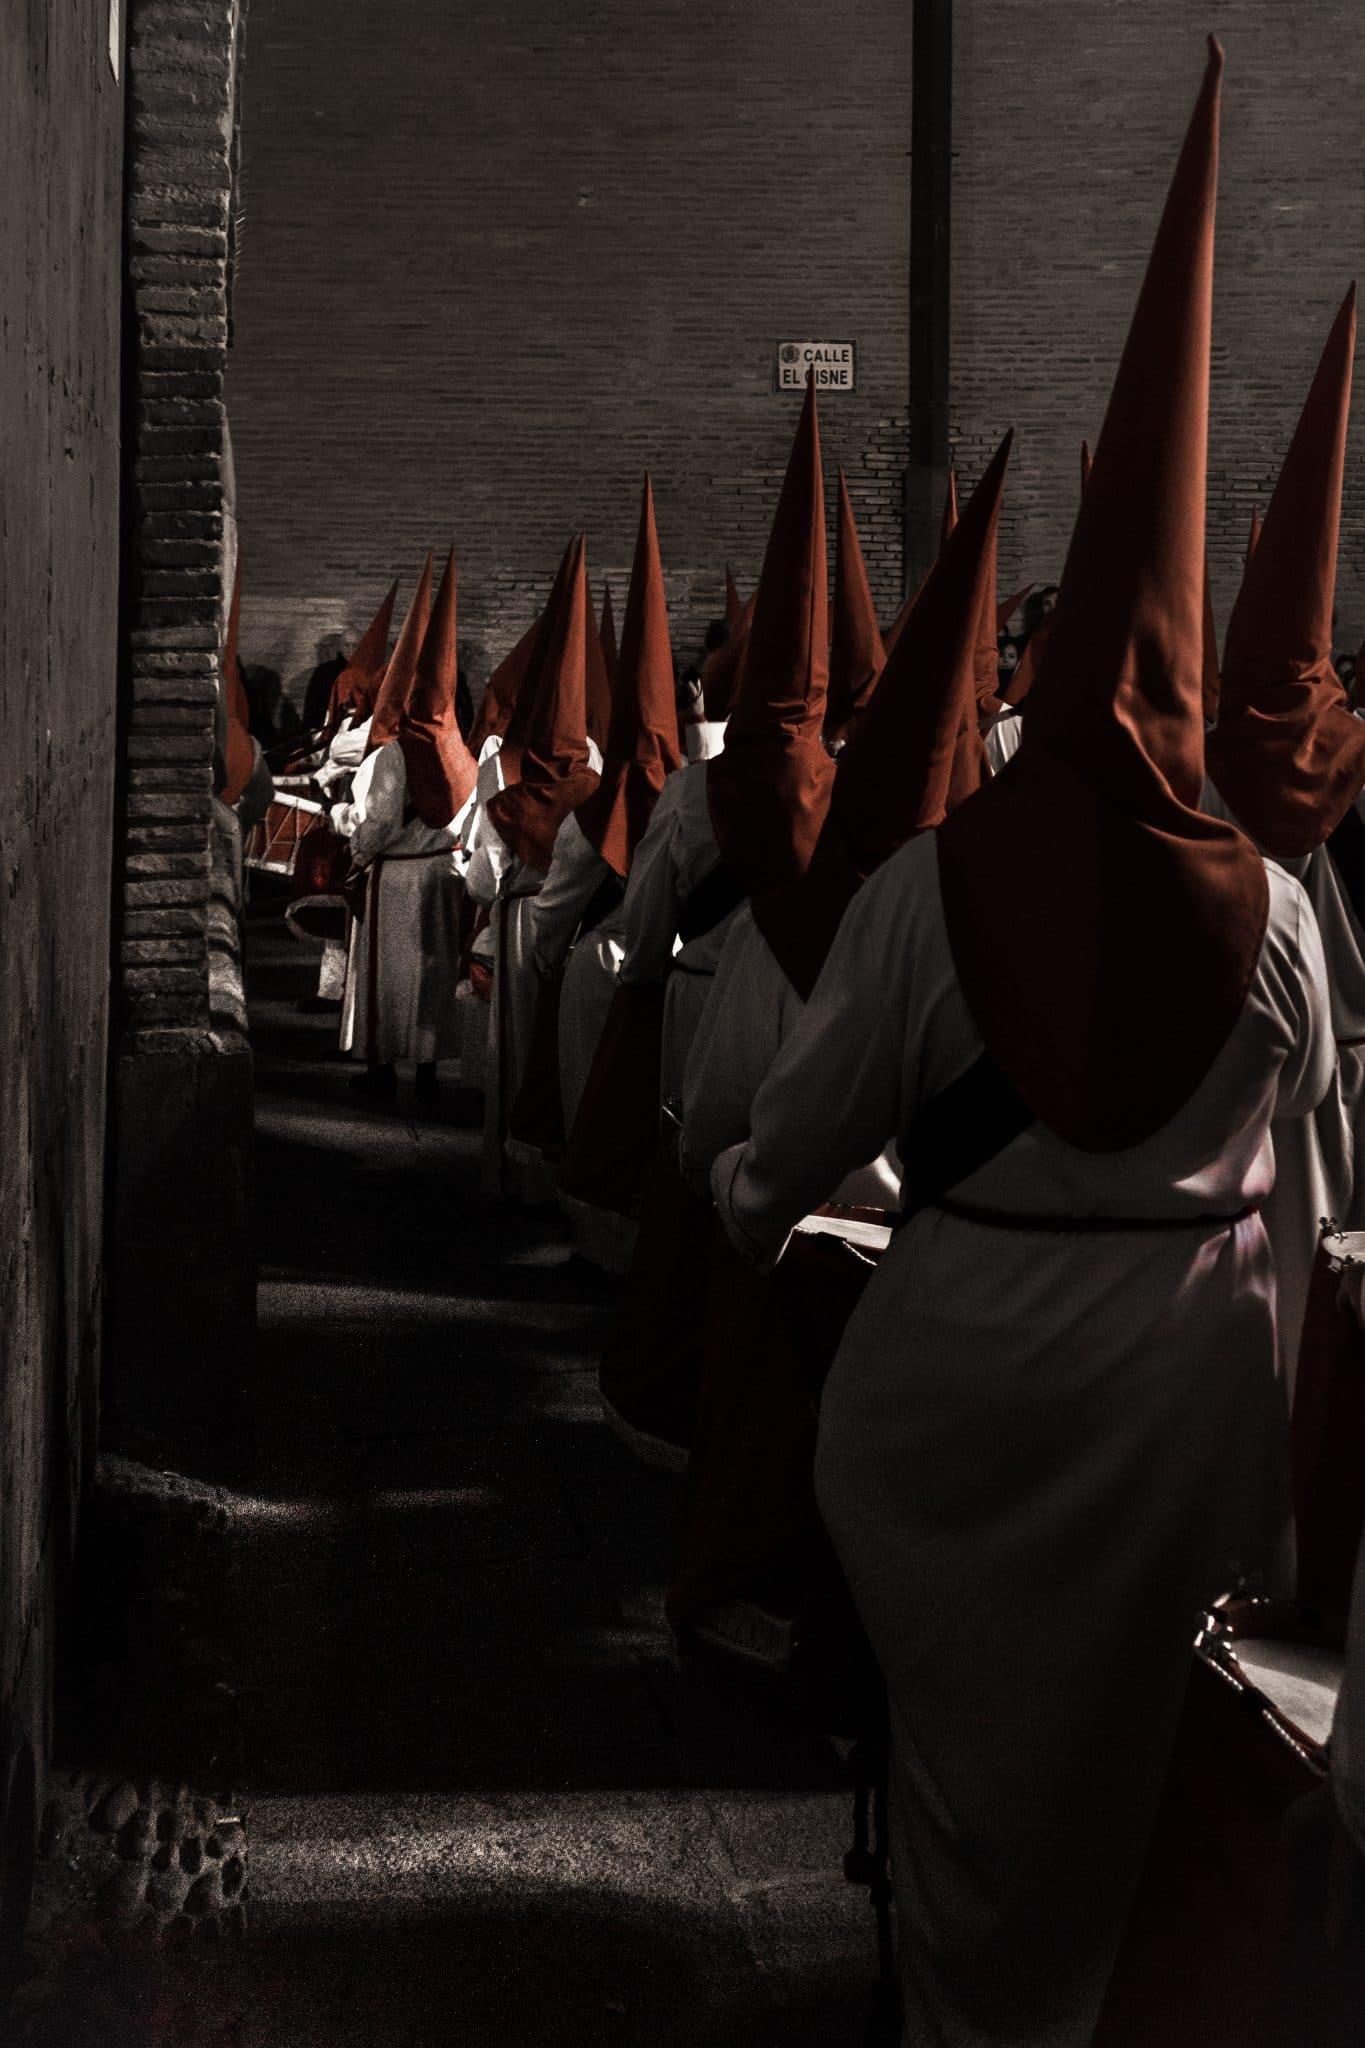 Semana Santa en Zaragoza - Procesion Titular Columna